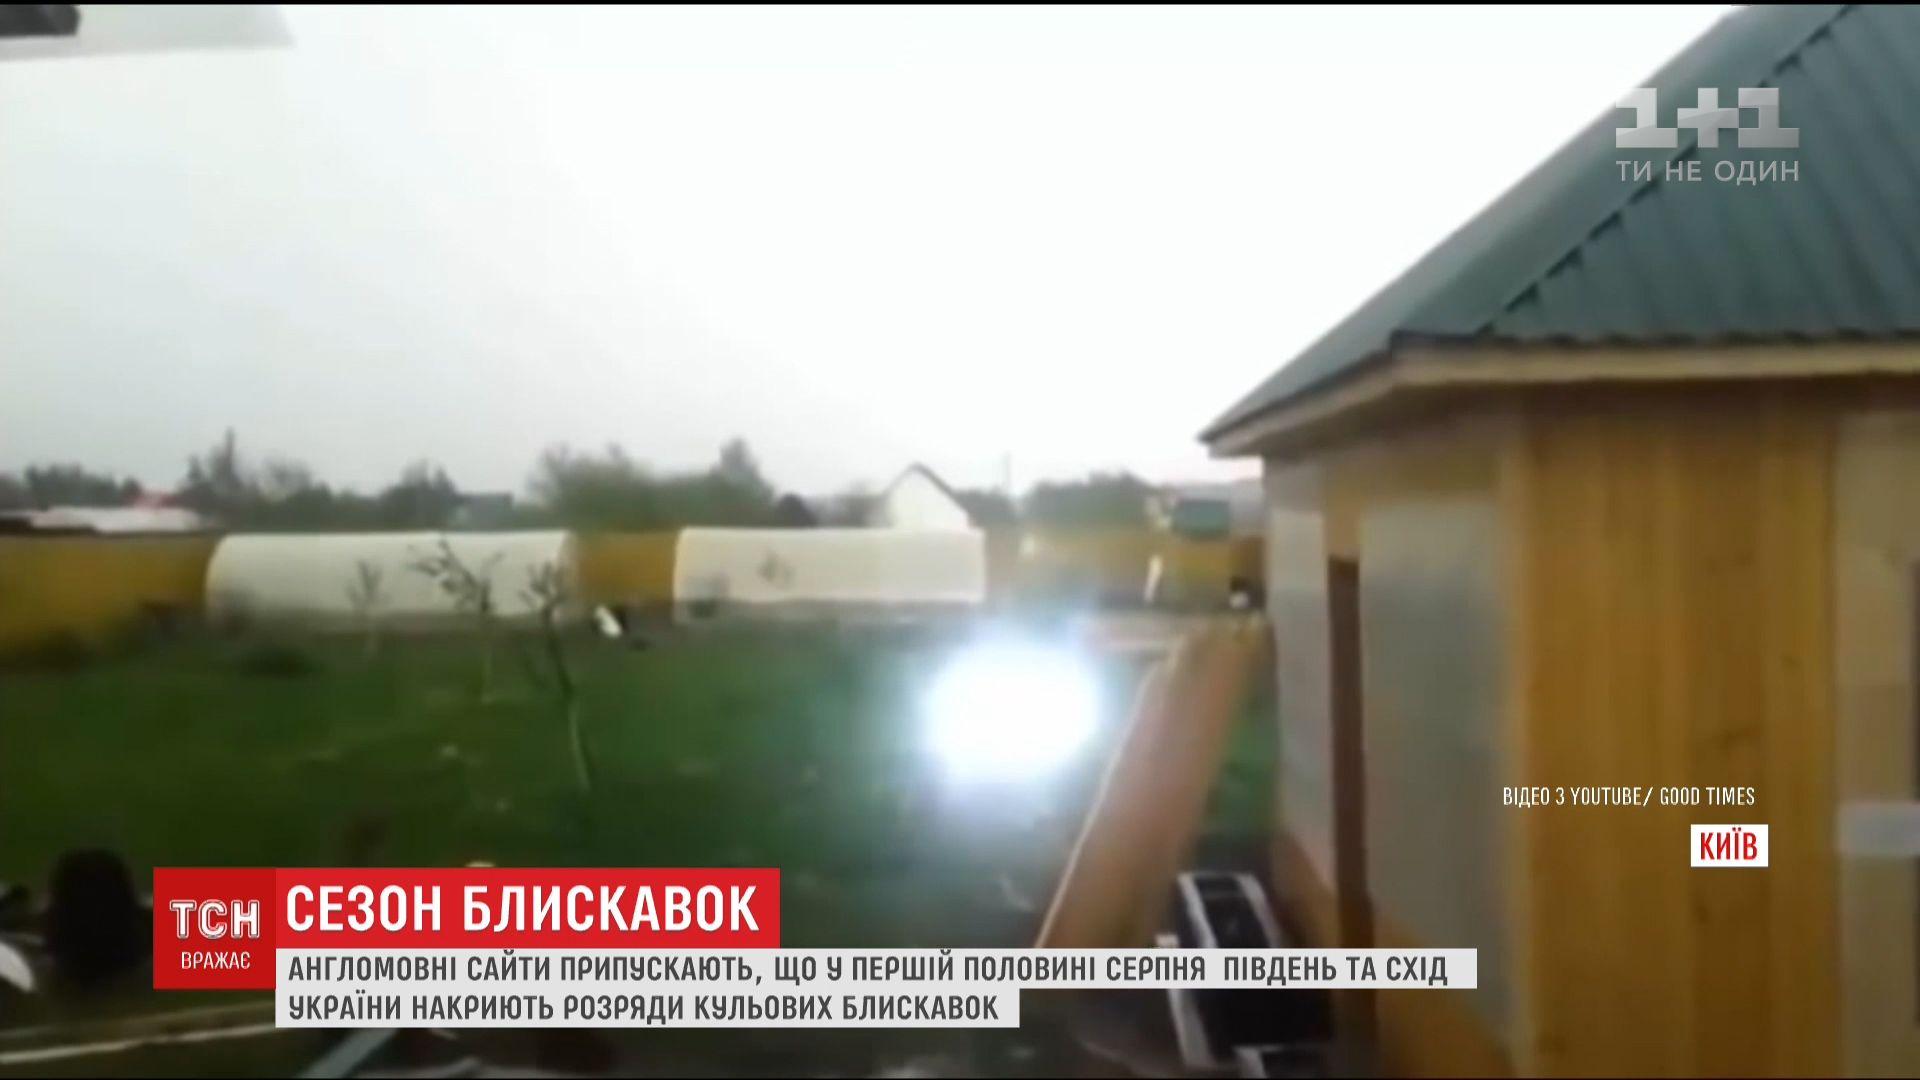 Кульові блискавки можуть бути непередбачуваними / Кадр з відео ТСН